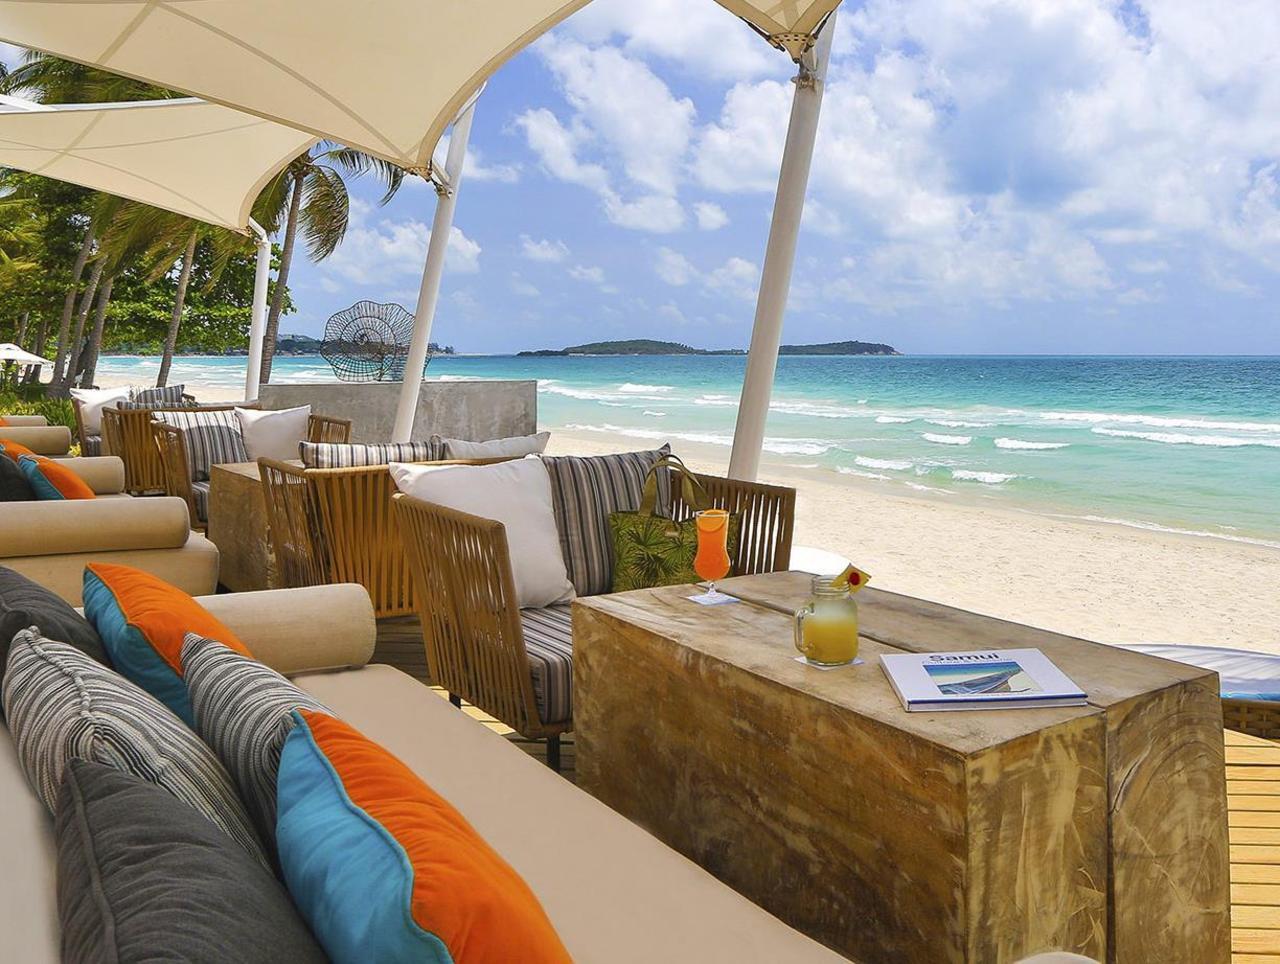 เซนทารา แกรนด์ บีช รีสอร์ท สมุย (Centara Grand Beach Resort Samui)